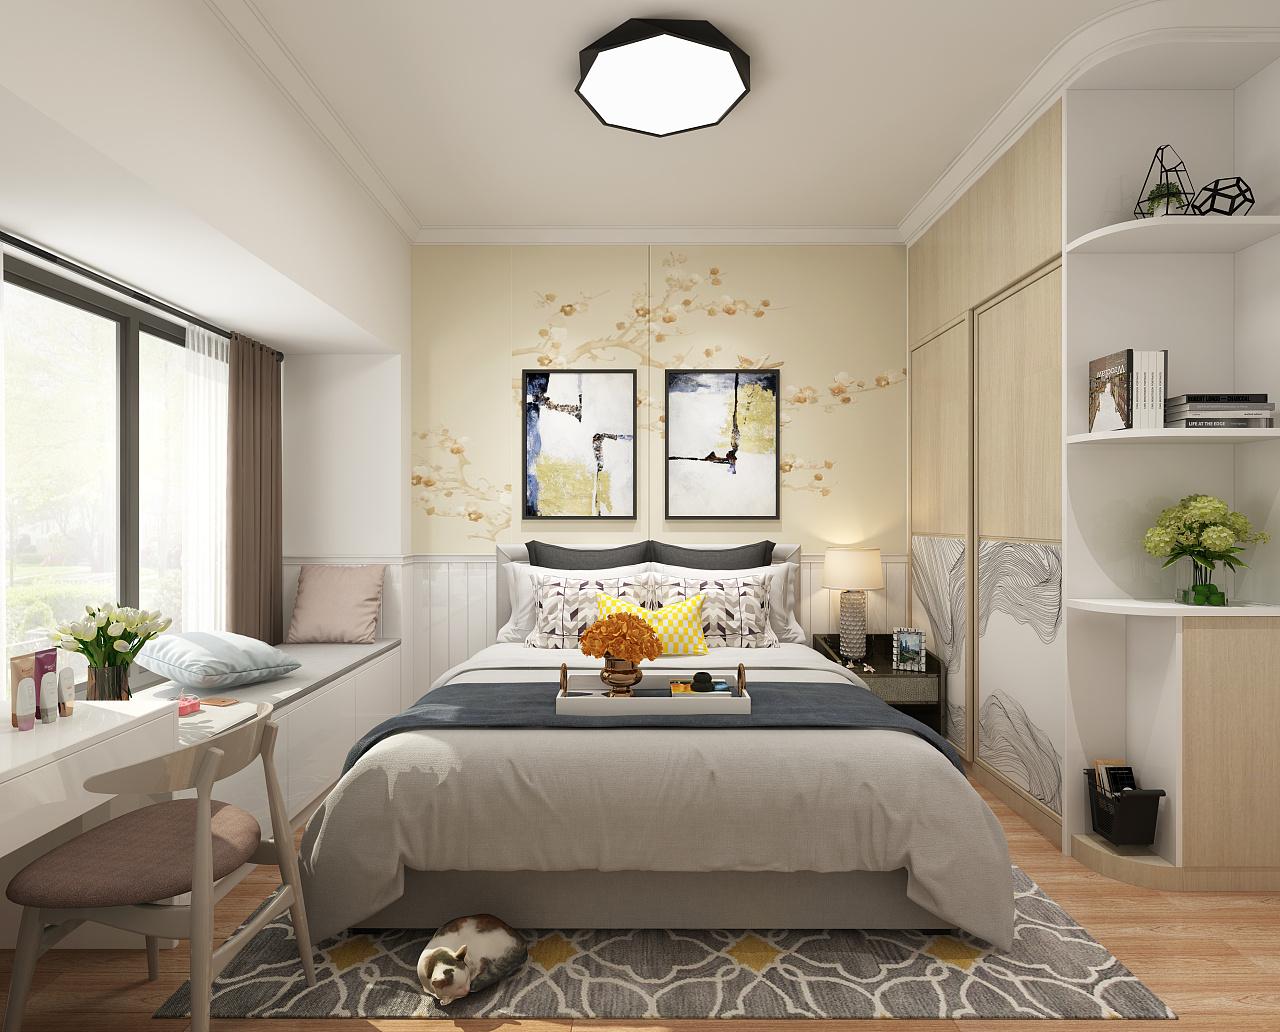 室内设计|空间|室内设计|修改用户名6-原创作品同信建筑设计有限公司图片